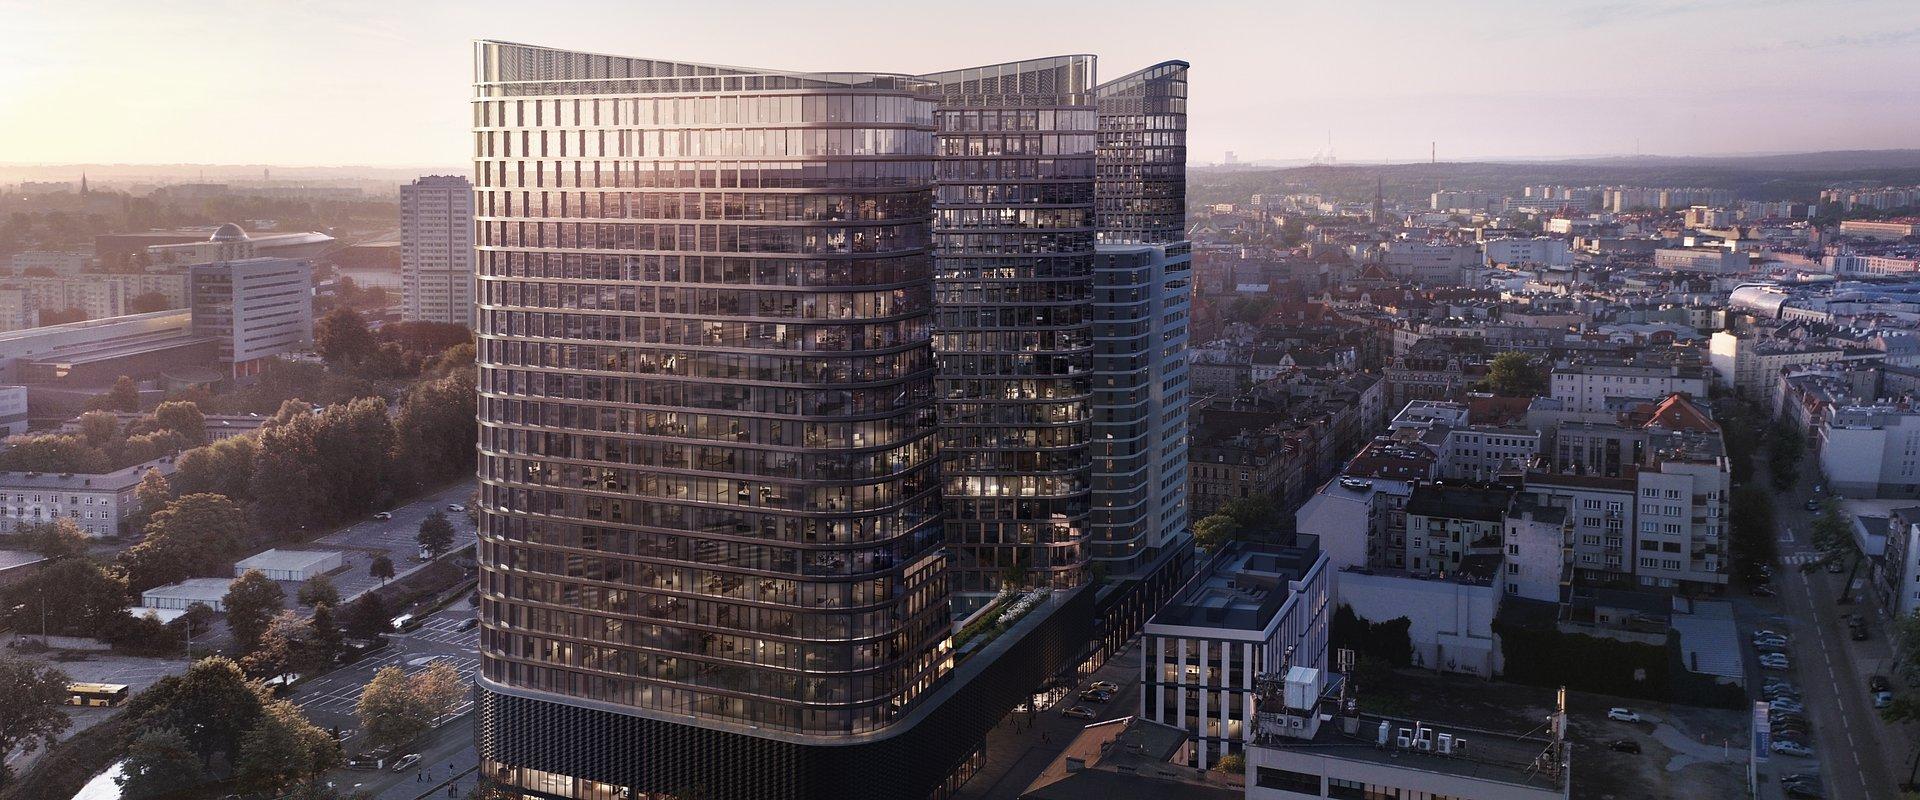 Mocne zakończenie roku w Katowicach – ING Tech Poland przeniesie się do Global Office Park